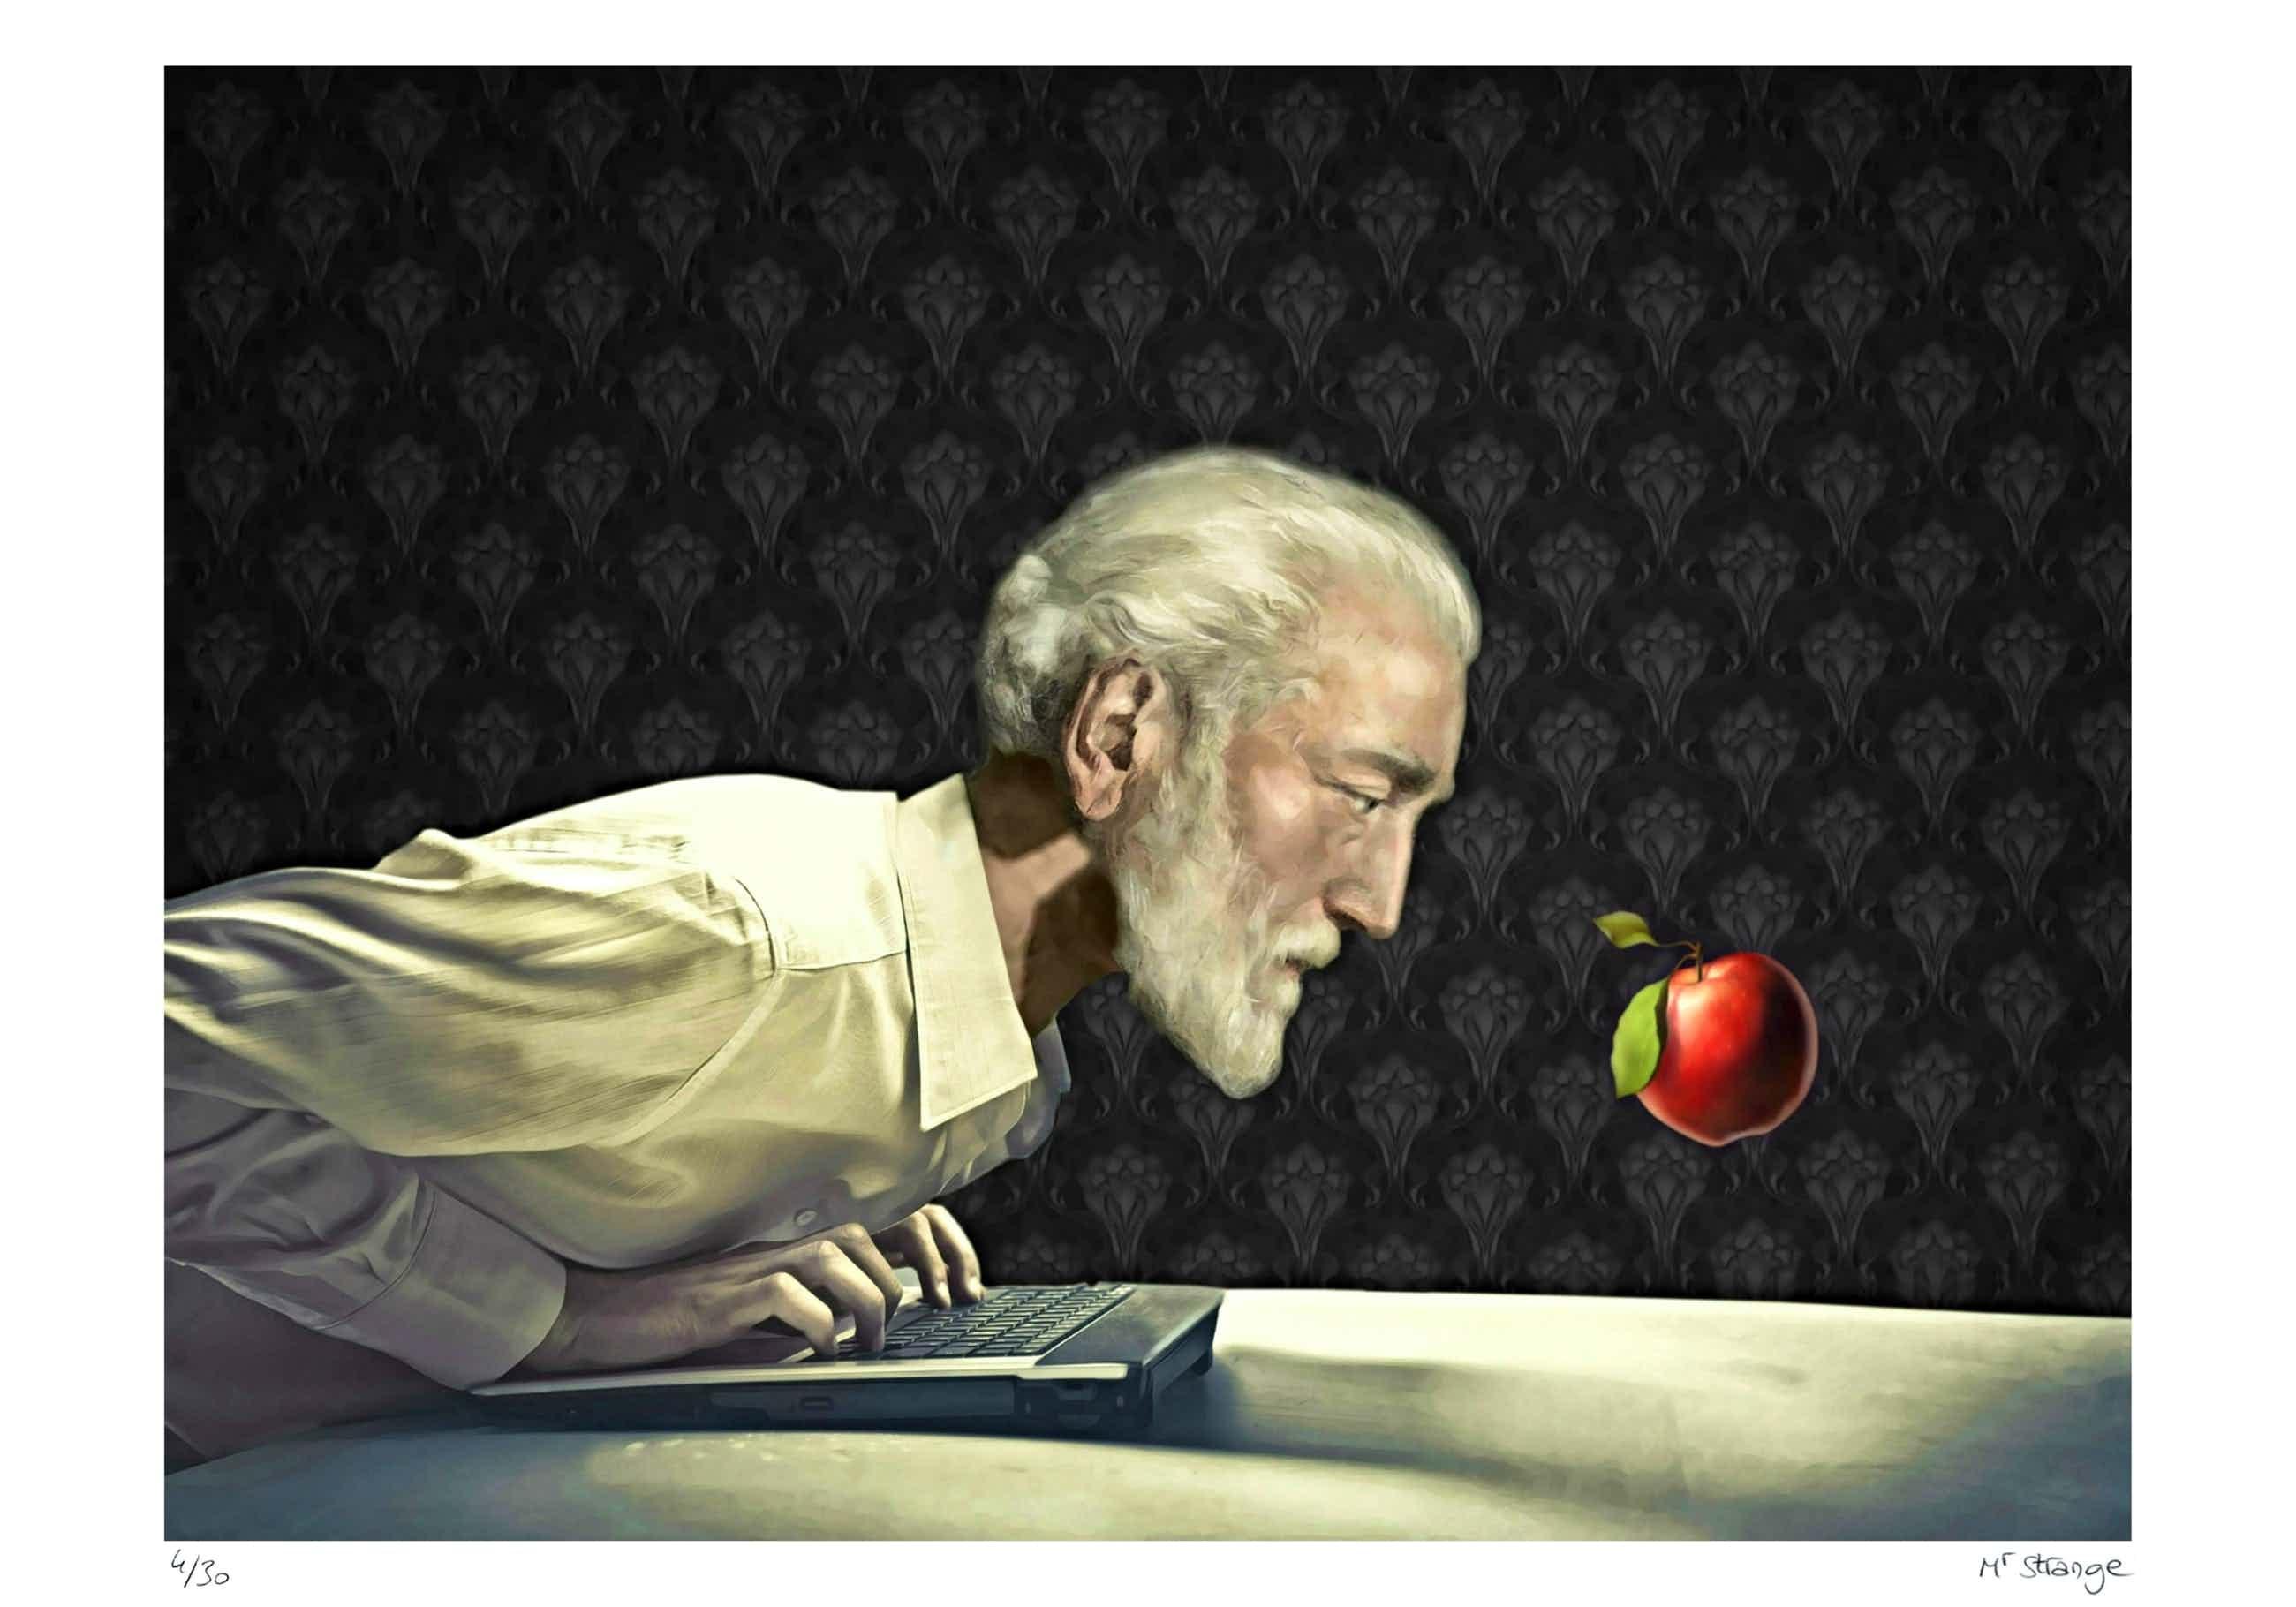 Mr. Strange - Apple kopen? Bied vanaf 50!